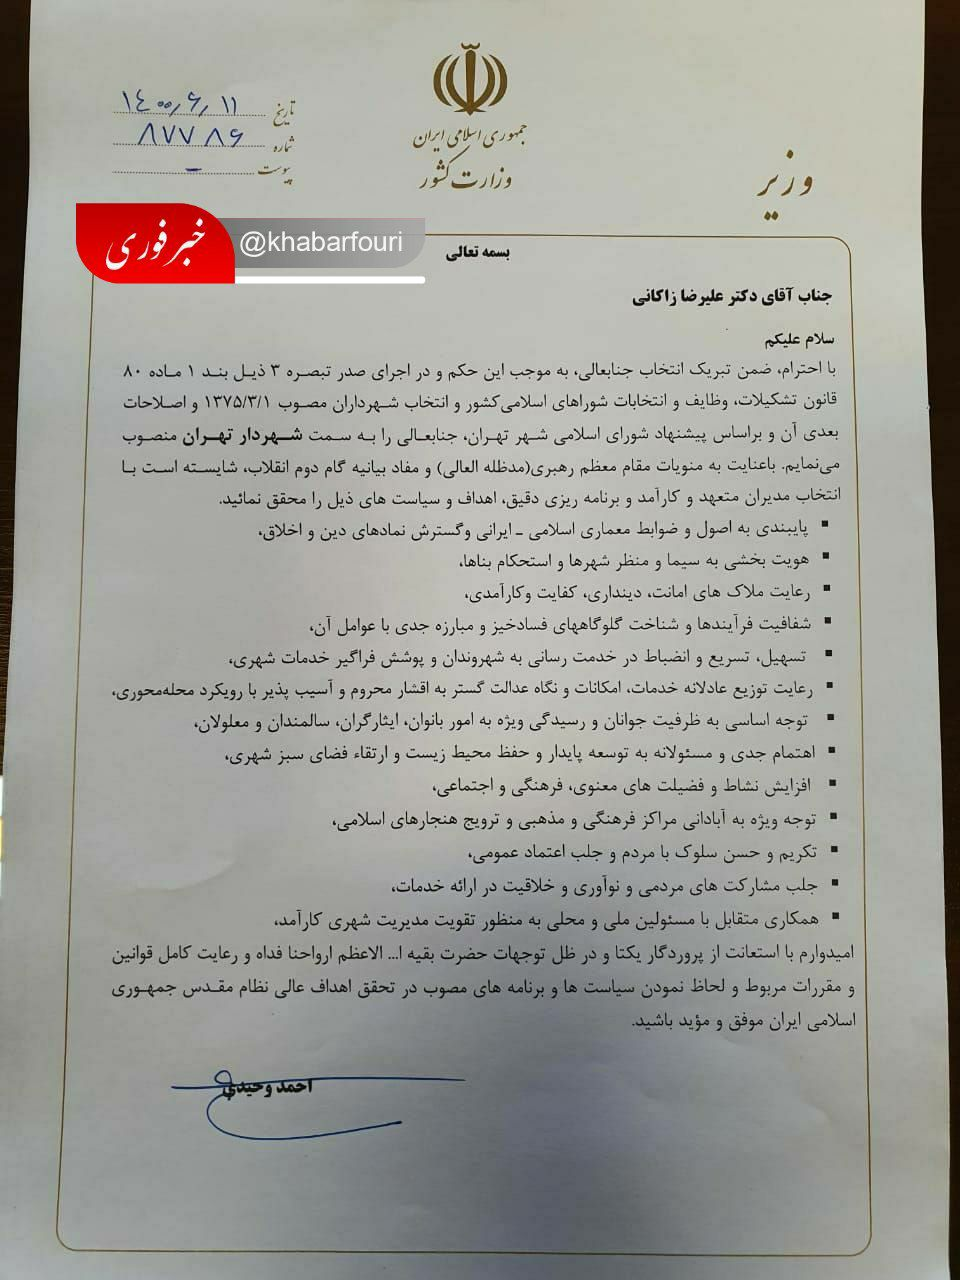 تصویر حکم زاکانی شهردار تهران